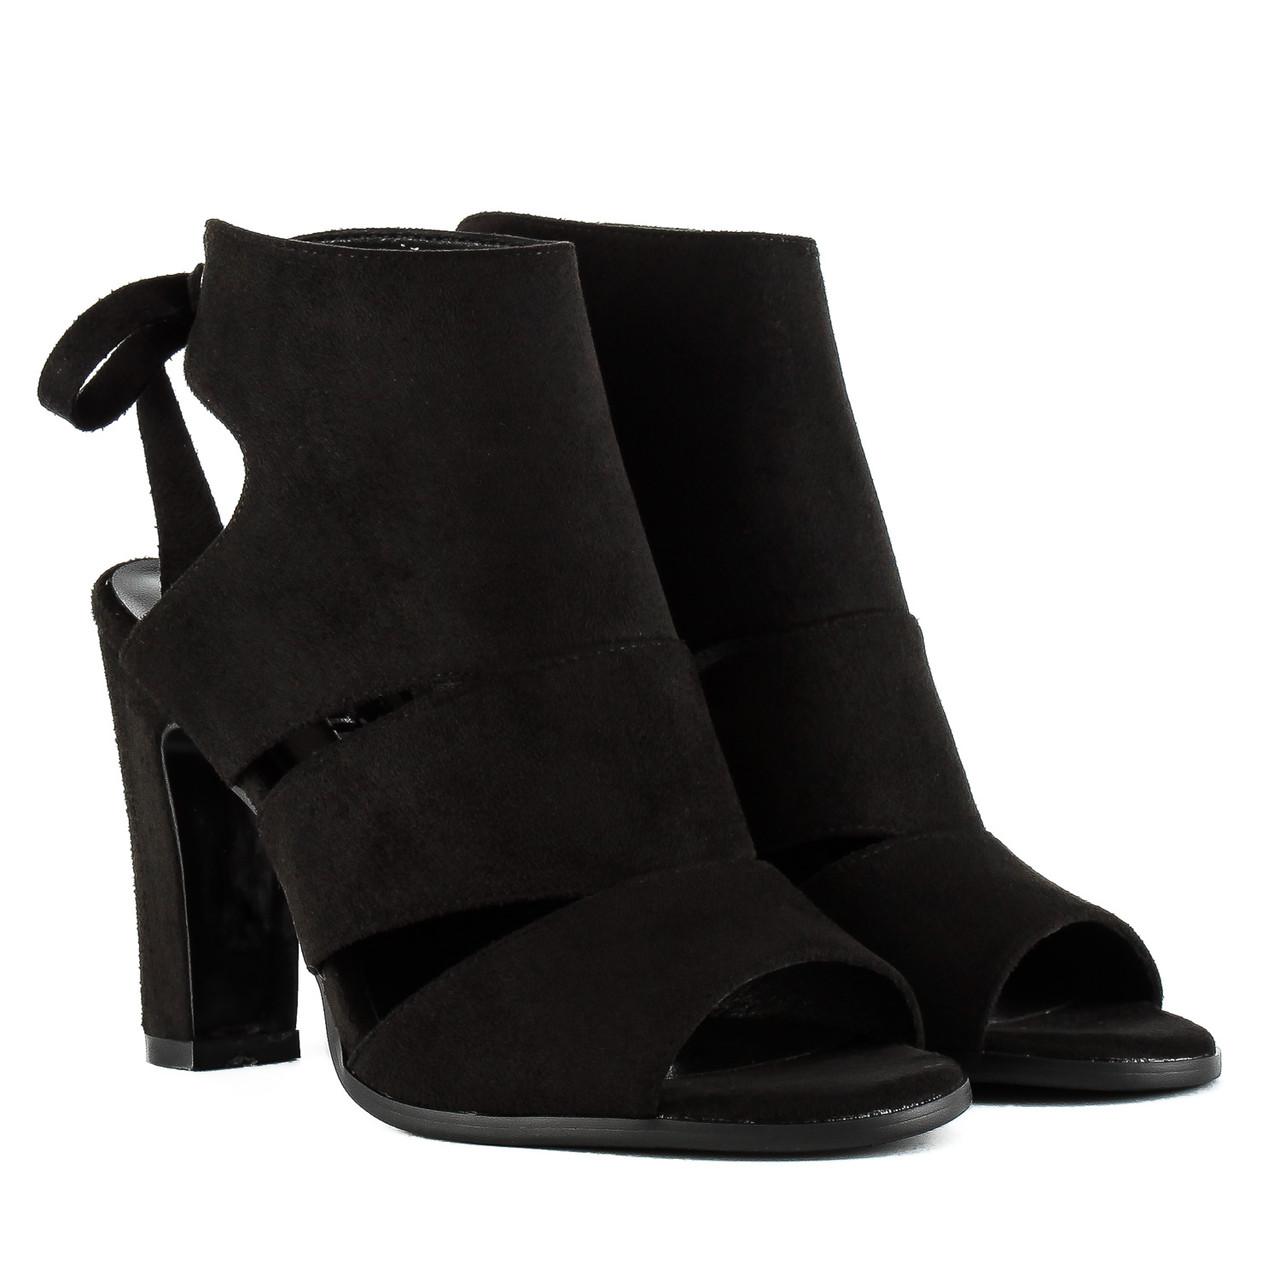 Босоножки женские GELSOMINO (черного цвета, стильные, модные, удобные)